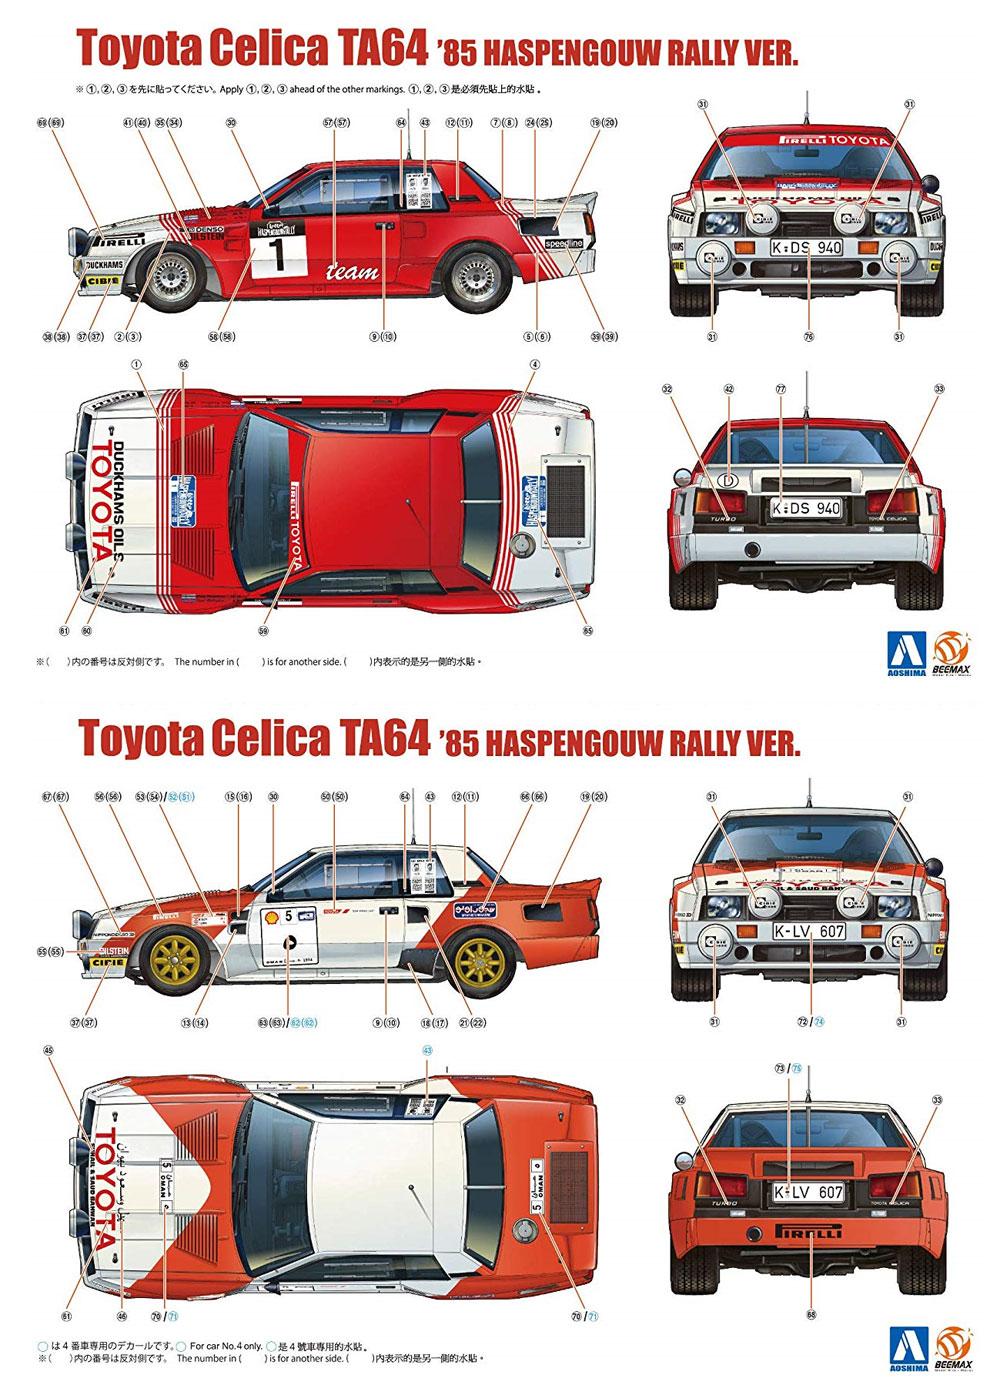 トヨタ セリカ TA64 '85 ハスペンゴウラリー仕様プラモデル(BEEMAX1/24 カーモデルNo.022)商品画像_2